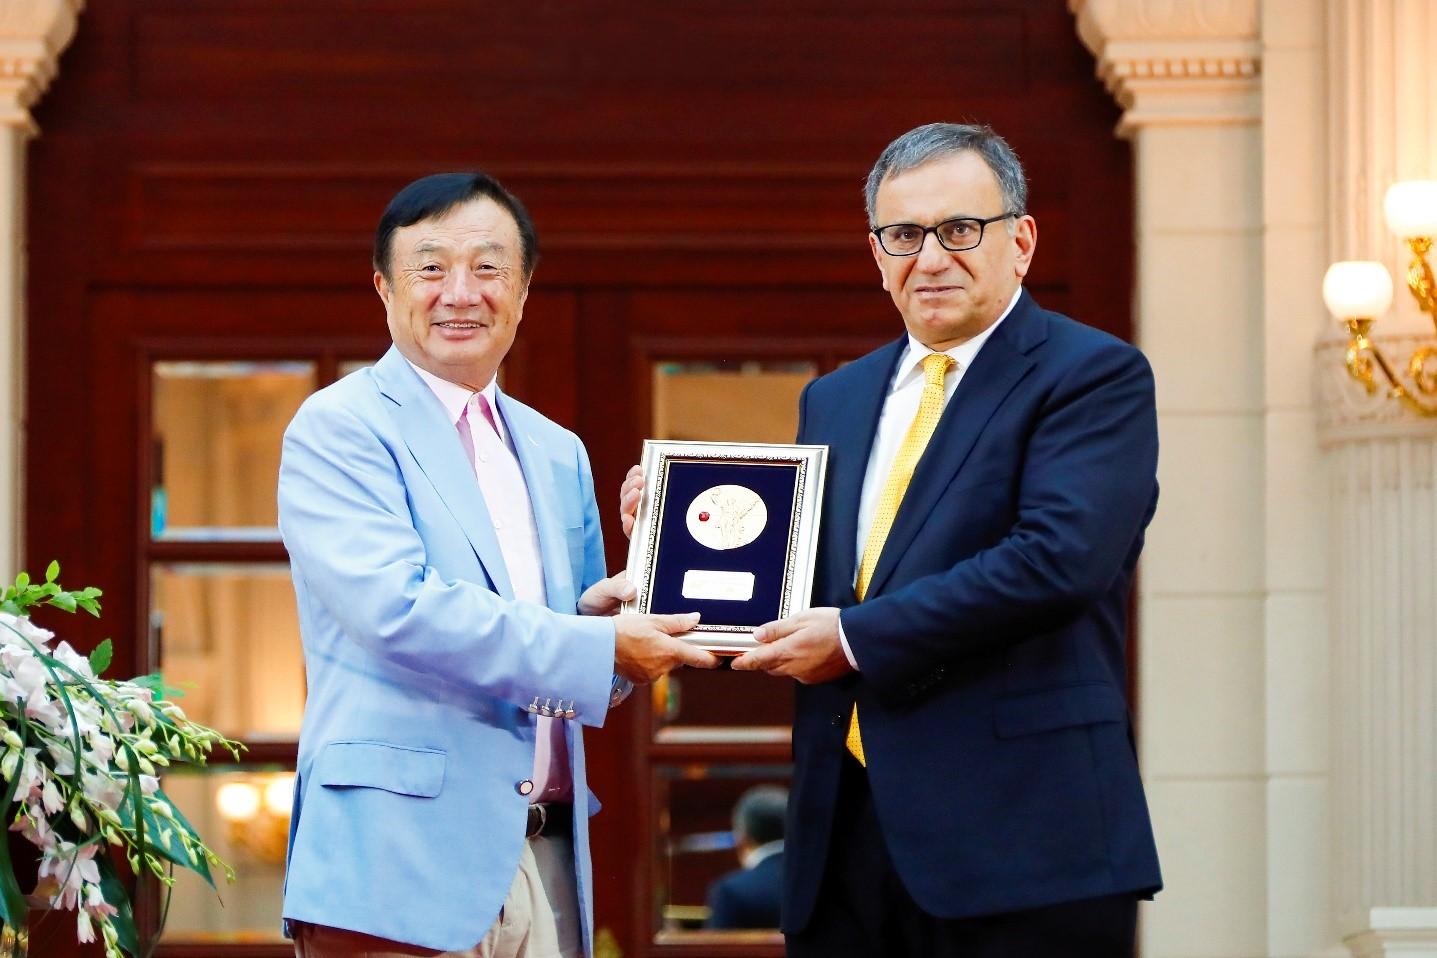 华为颁奖Polar码之父,致敬基础研究和探索精神